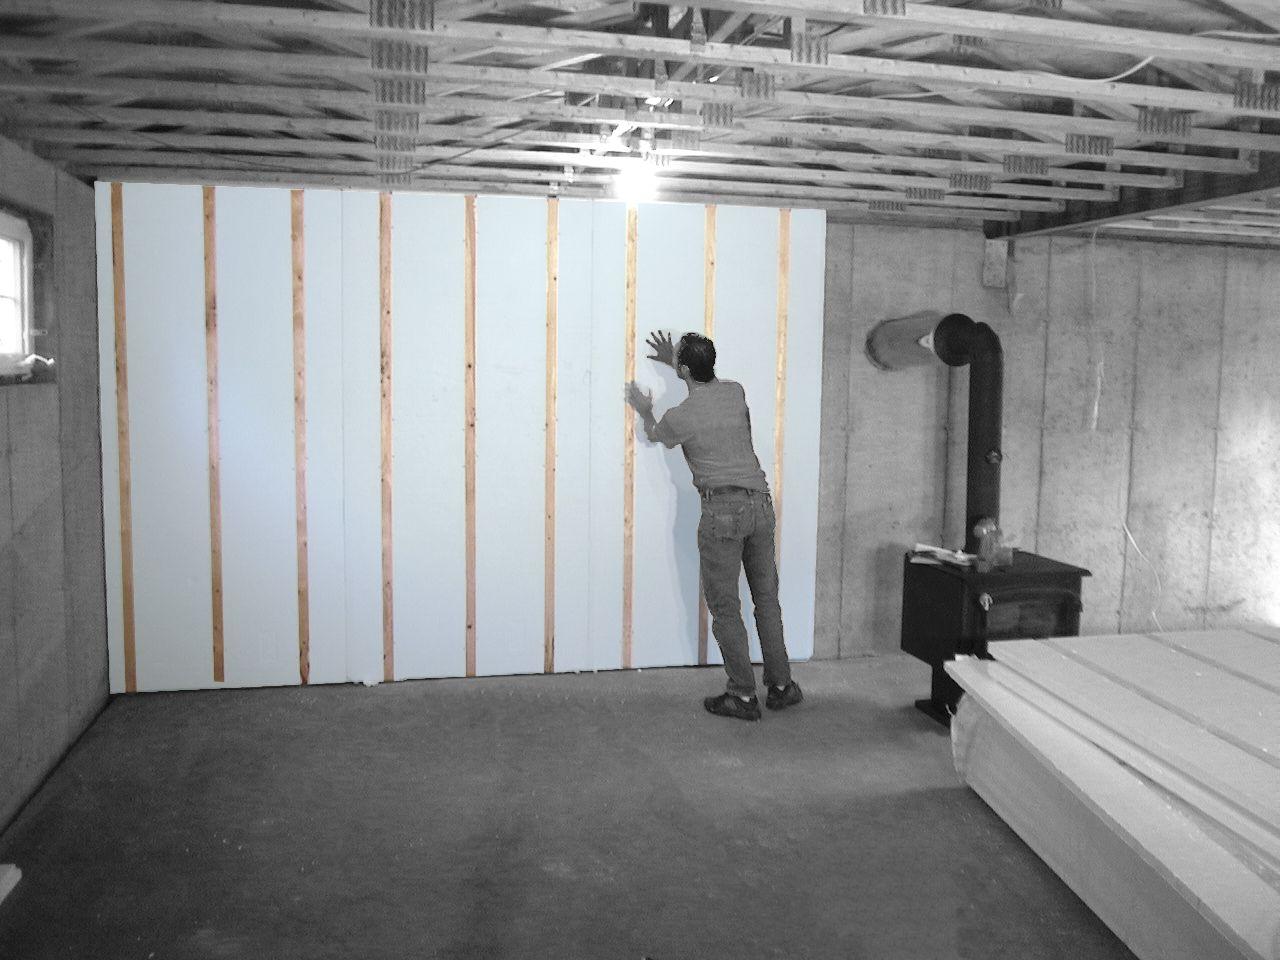 Isolation de votre sous-sol avec SYSTÈME HOMEGA, un panneau rigide avec lattes de bois intégrées #innovation #renovations